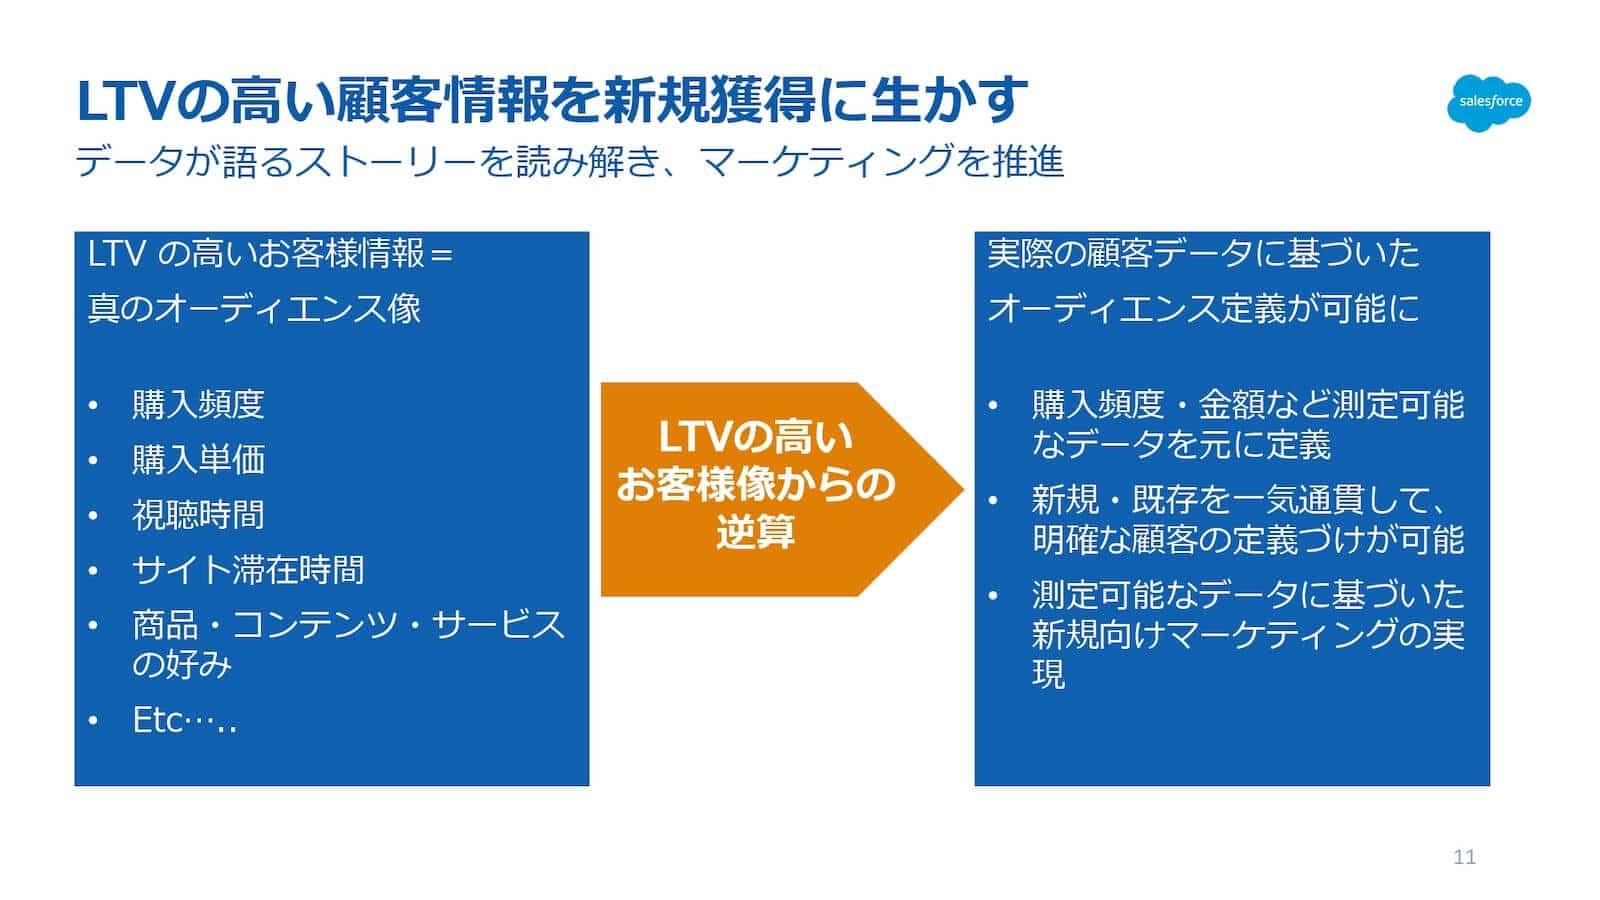 LTVが高い顧客情報を新規獲得に生かす